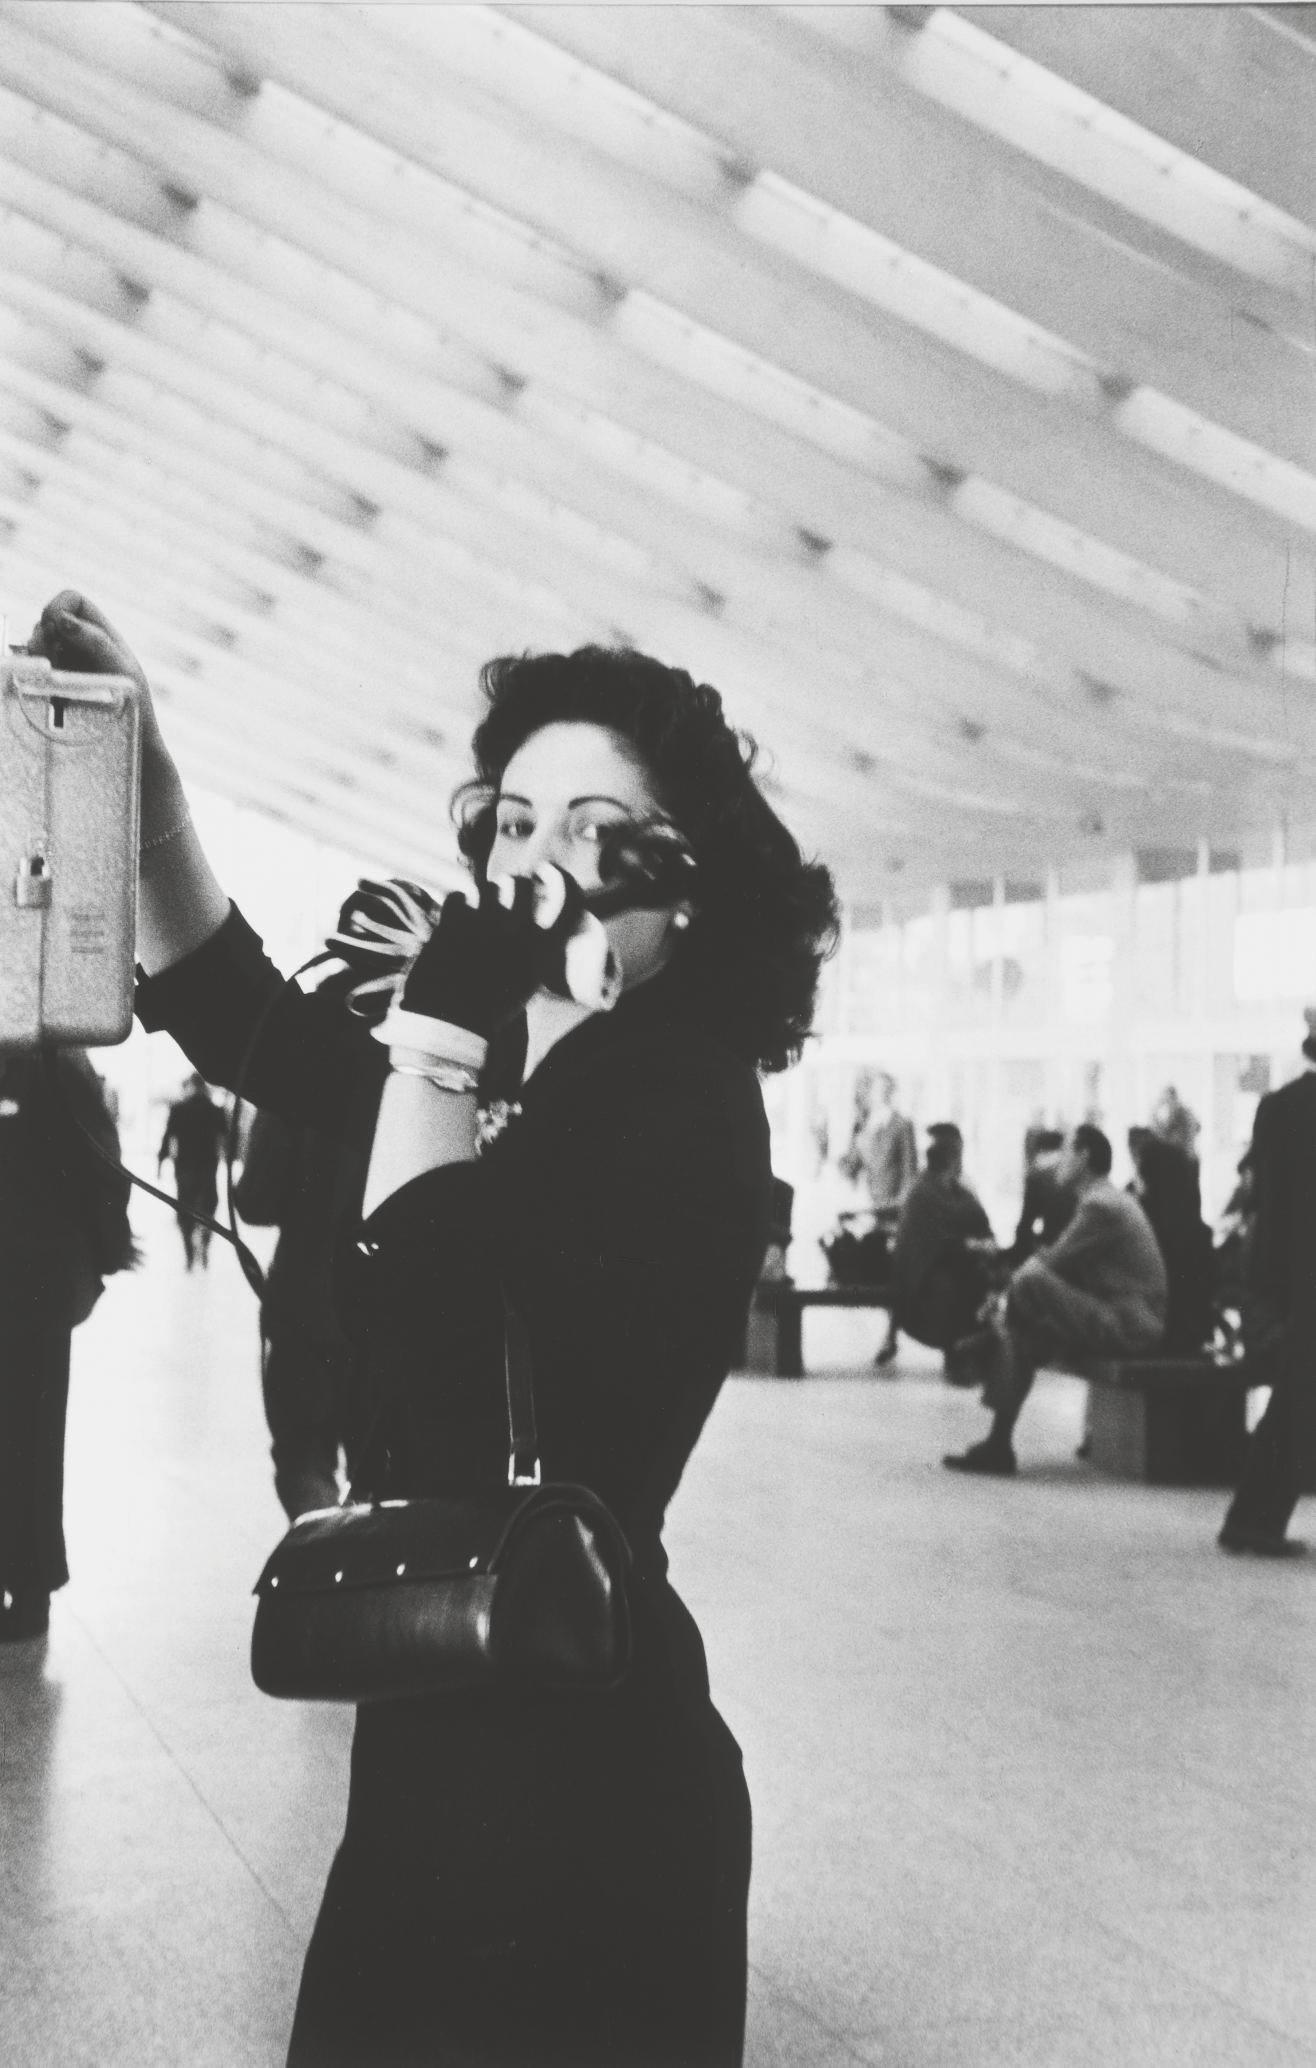 Stazione Termini, Rome, 1956